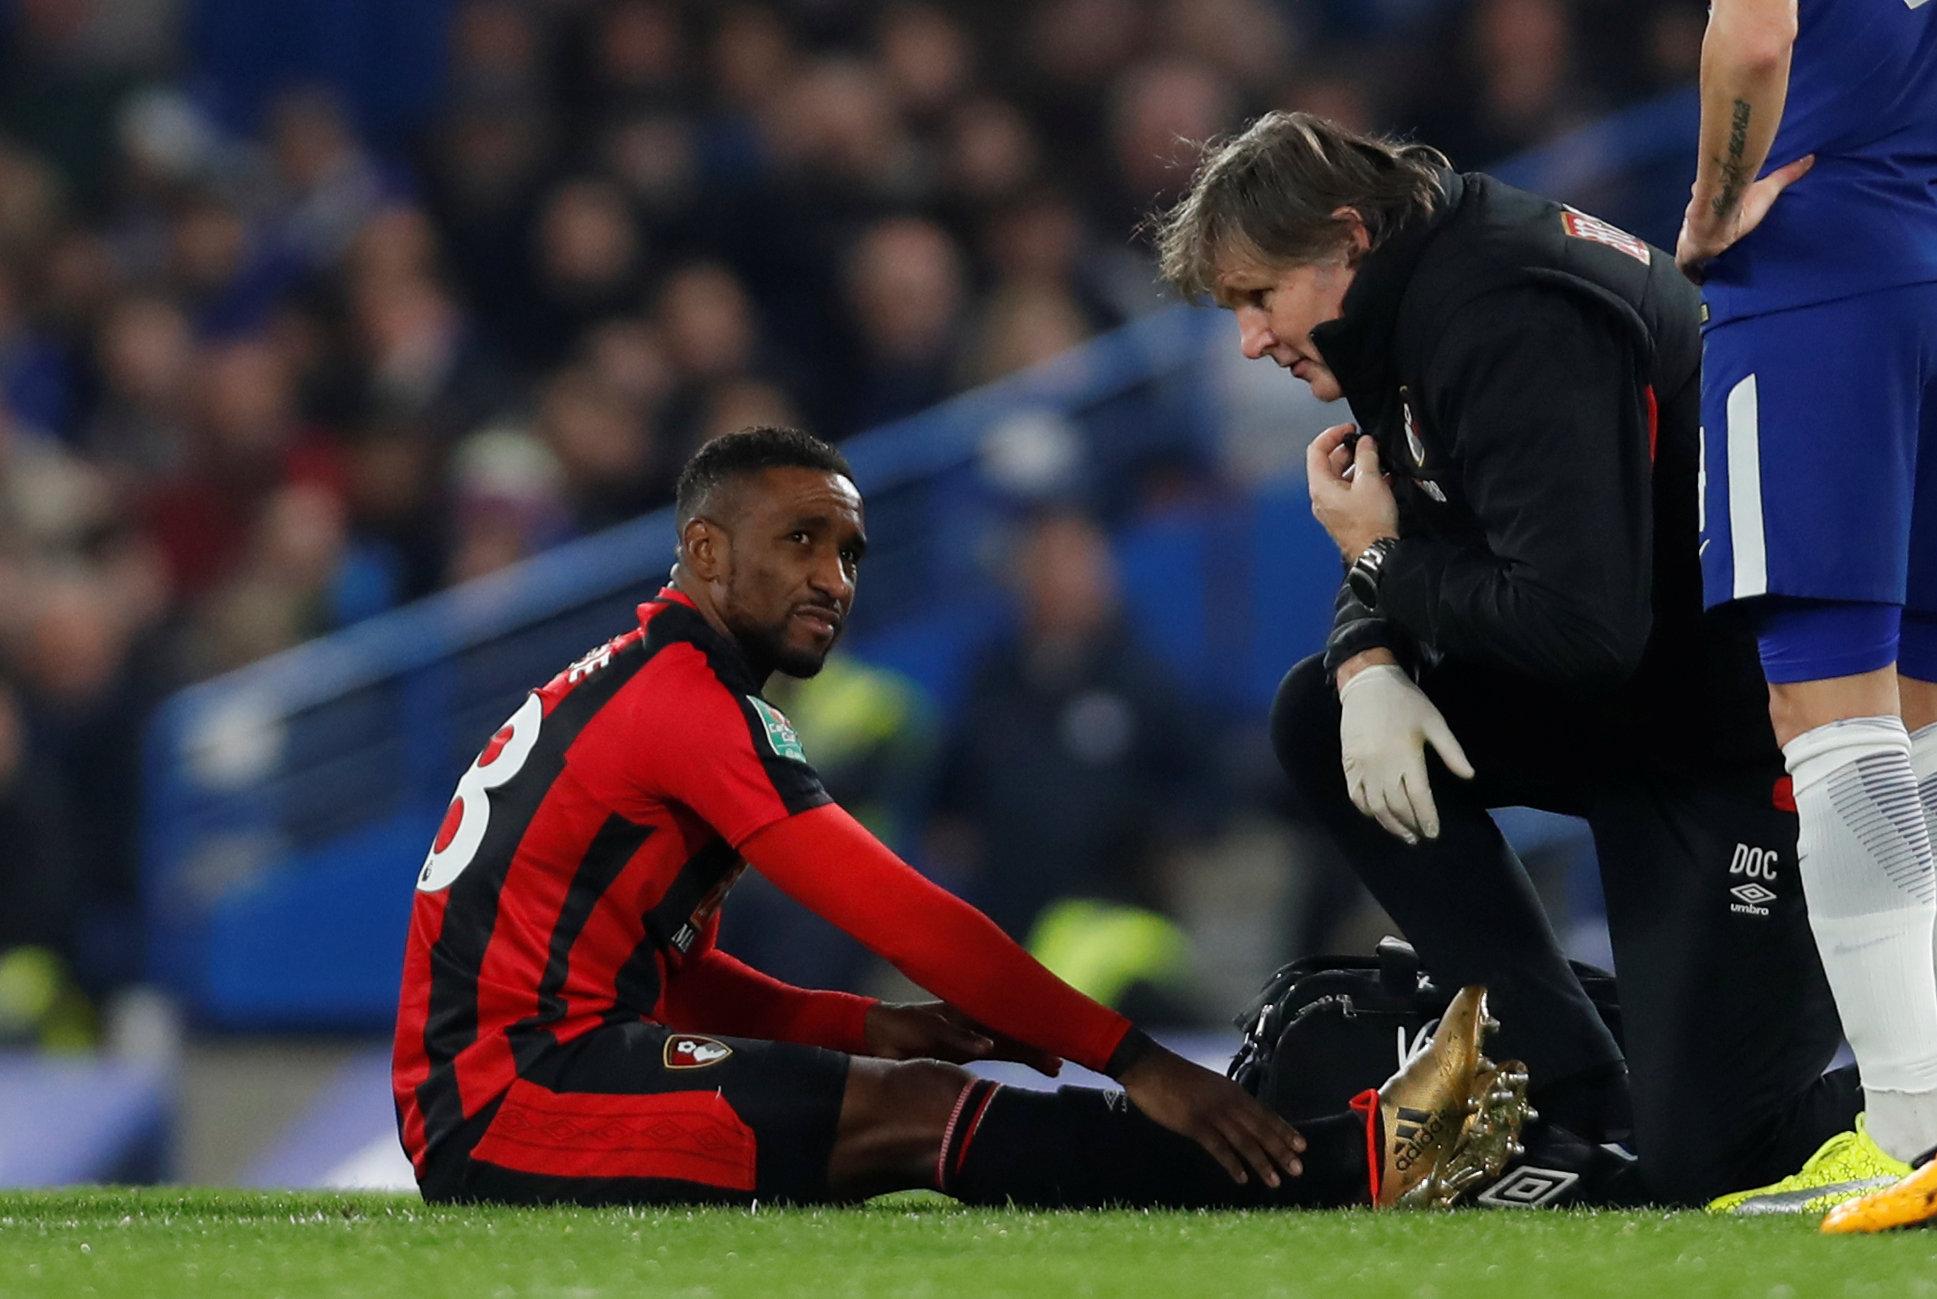 Chấn thương của Defoe khiến Bournemouth gặp nhiều khó khăn trong thời gian tới. Ảnh: REUTERS